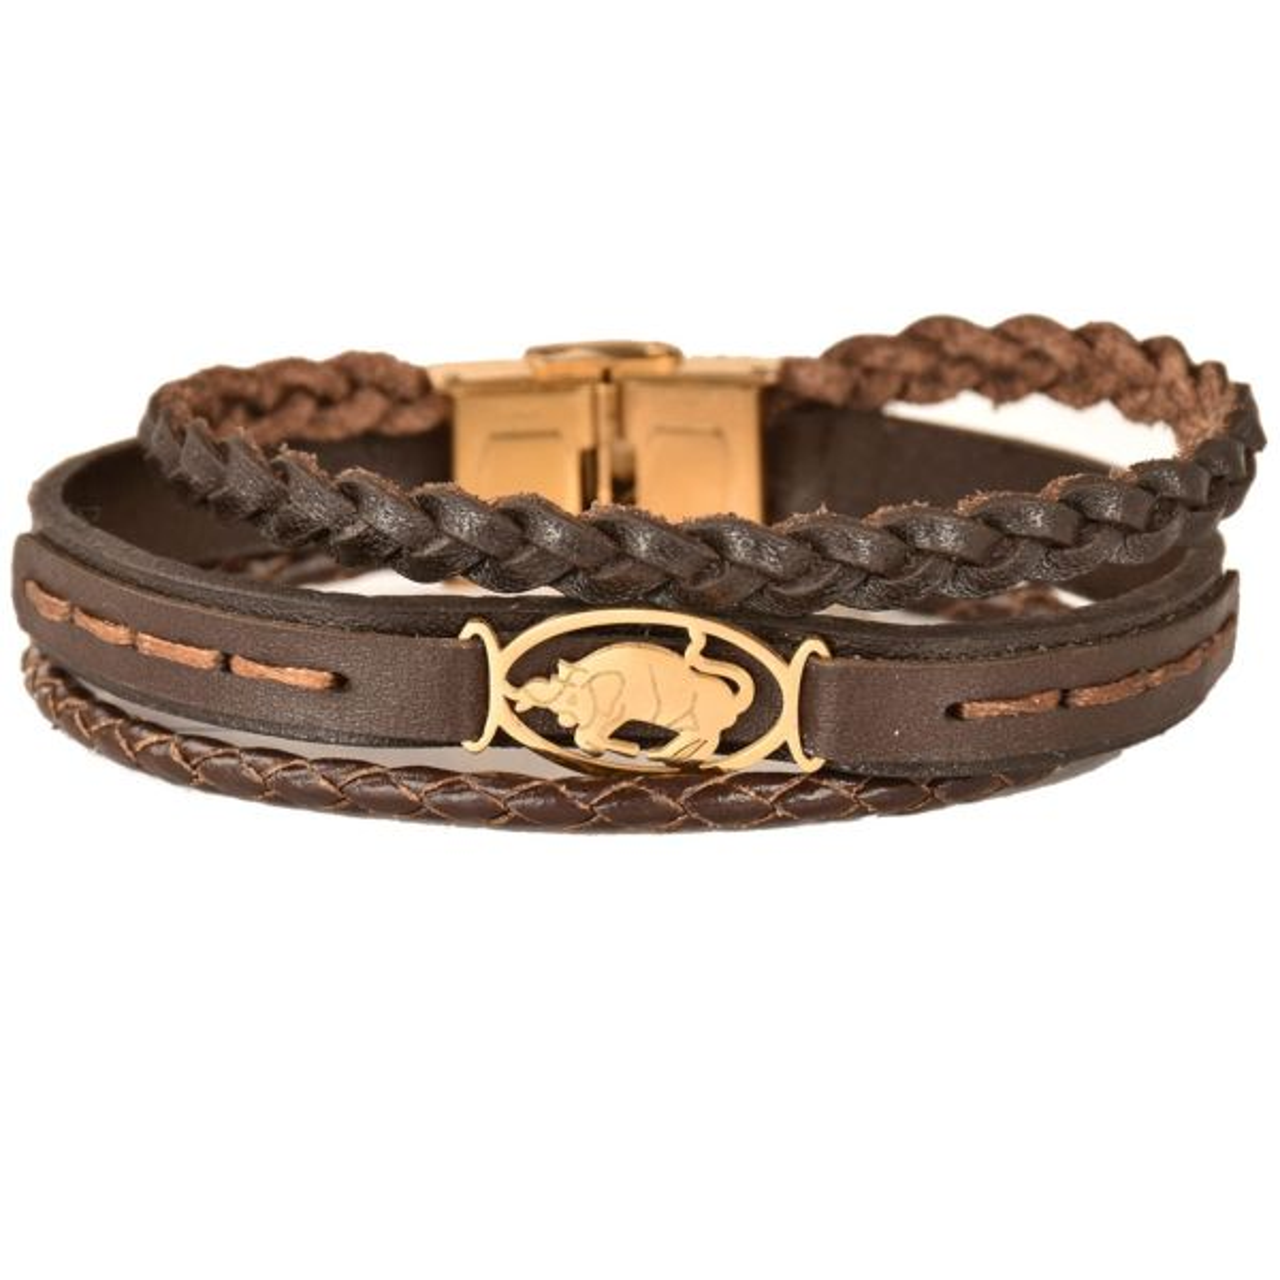 دستبند چرمی کهن چرم طرح تولد اردیبهشت مدل BR170-7